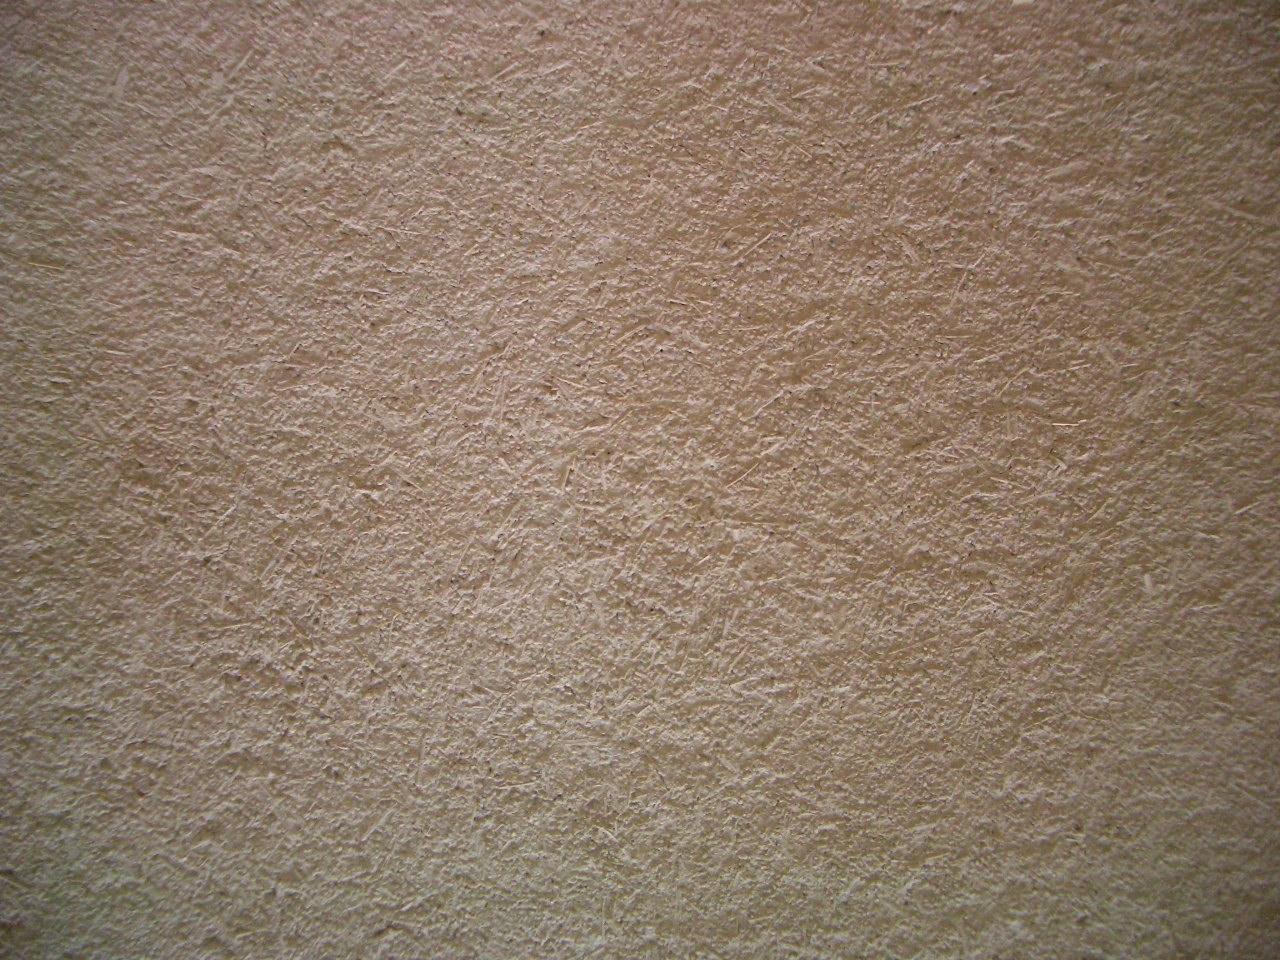 黄聚楽土 土の侘び錆だぁ 土の色の変わることで膜が張り、土壁の強度が上がるとも言われていますが。